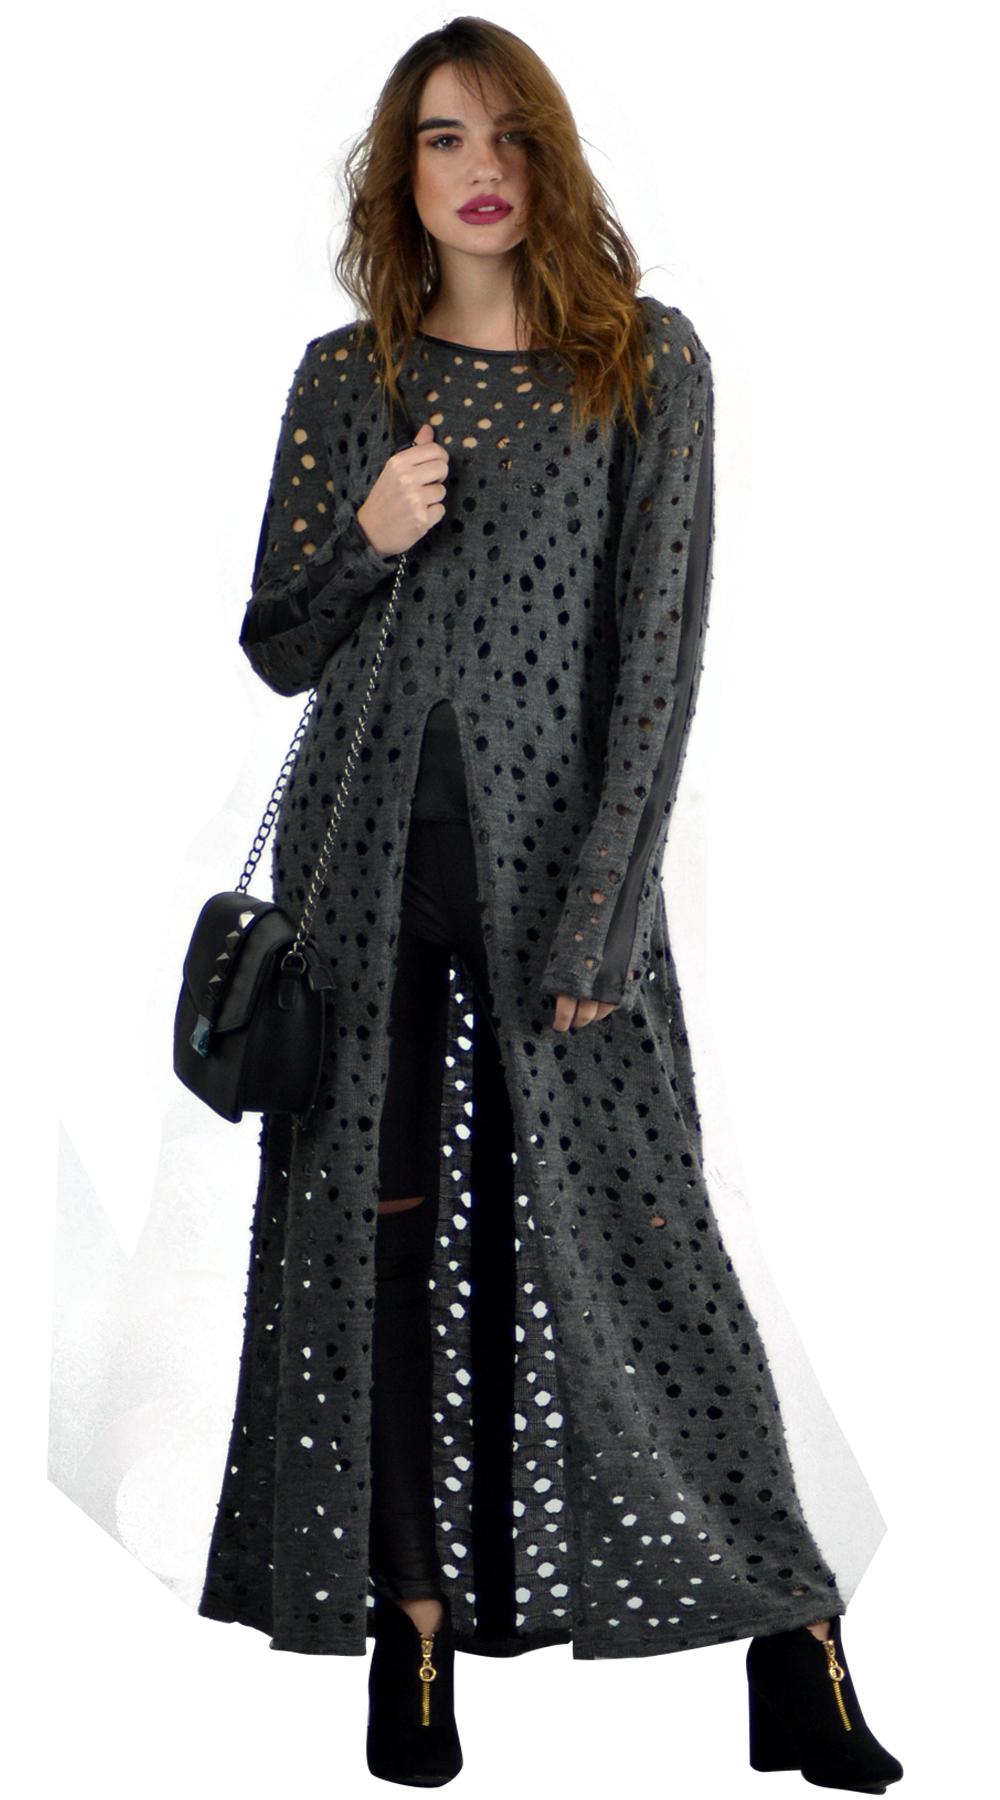 Γυναικεία μακριά μπλούζα τρυπητή Online - ONLINE - W18ON-11544 μπλούζες   t shirts elegant tops